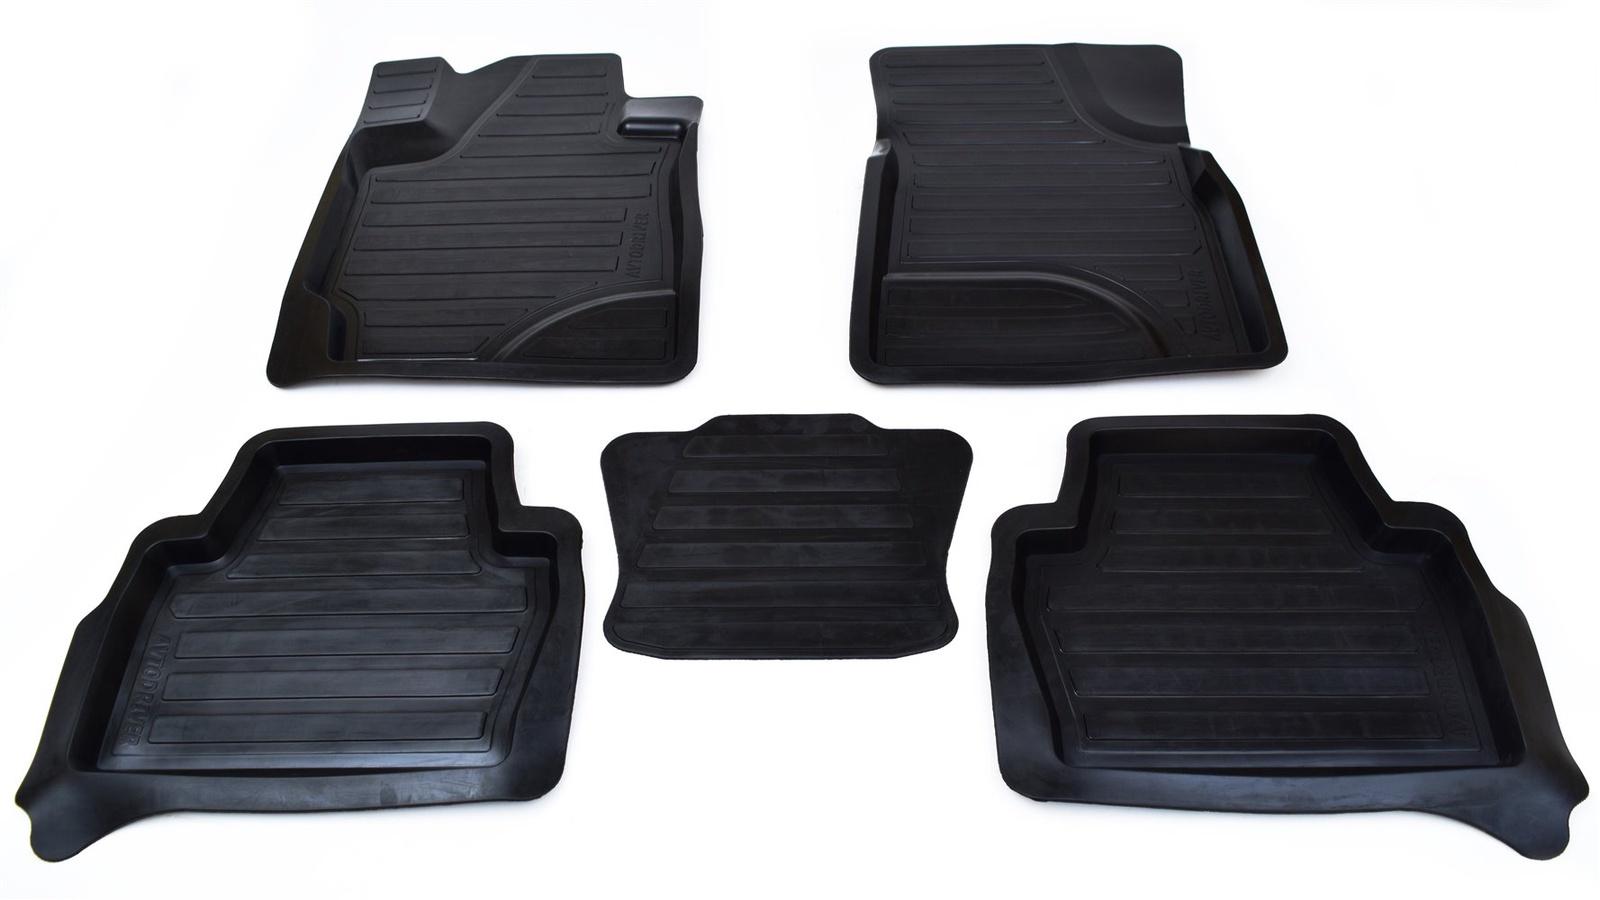 Коврики салона Avtodriver для Lexus LX 570 (2007-2012) ADRAVG151, резиновые, с бортиком, черный lx tda200 spa pump impeller